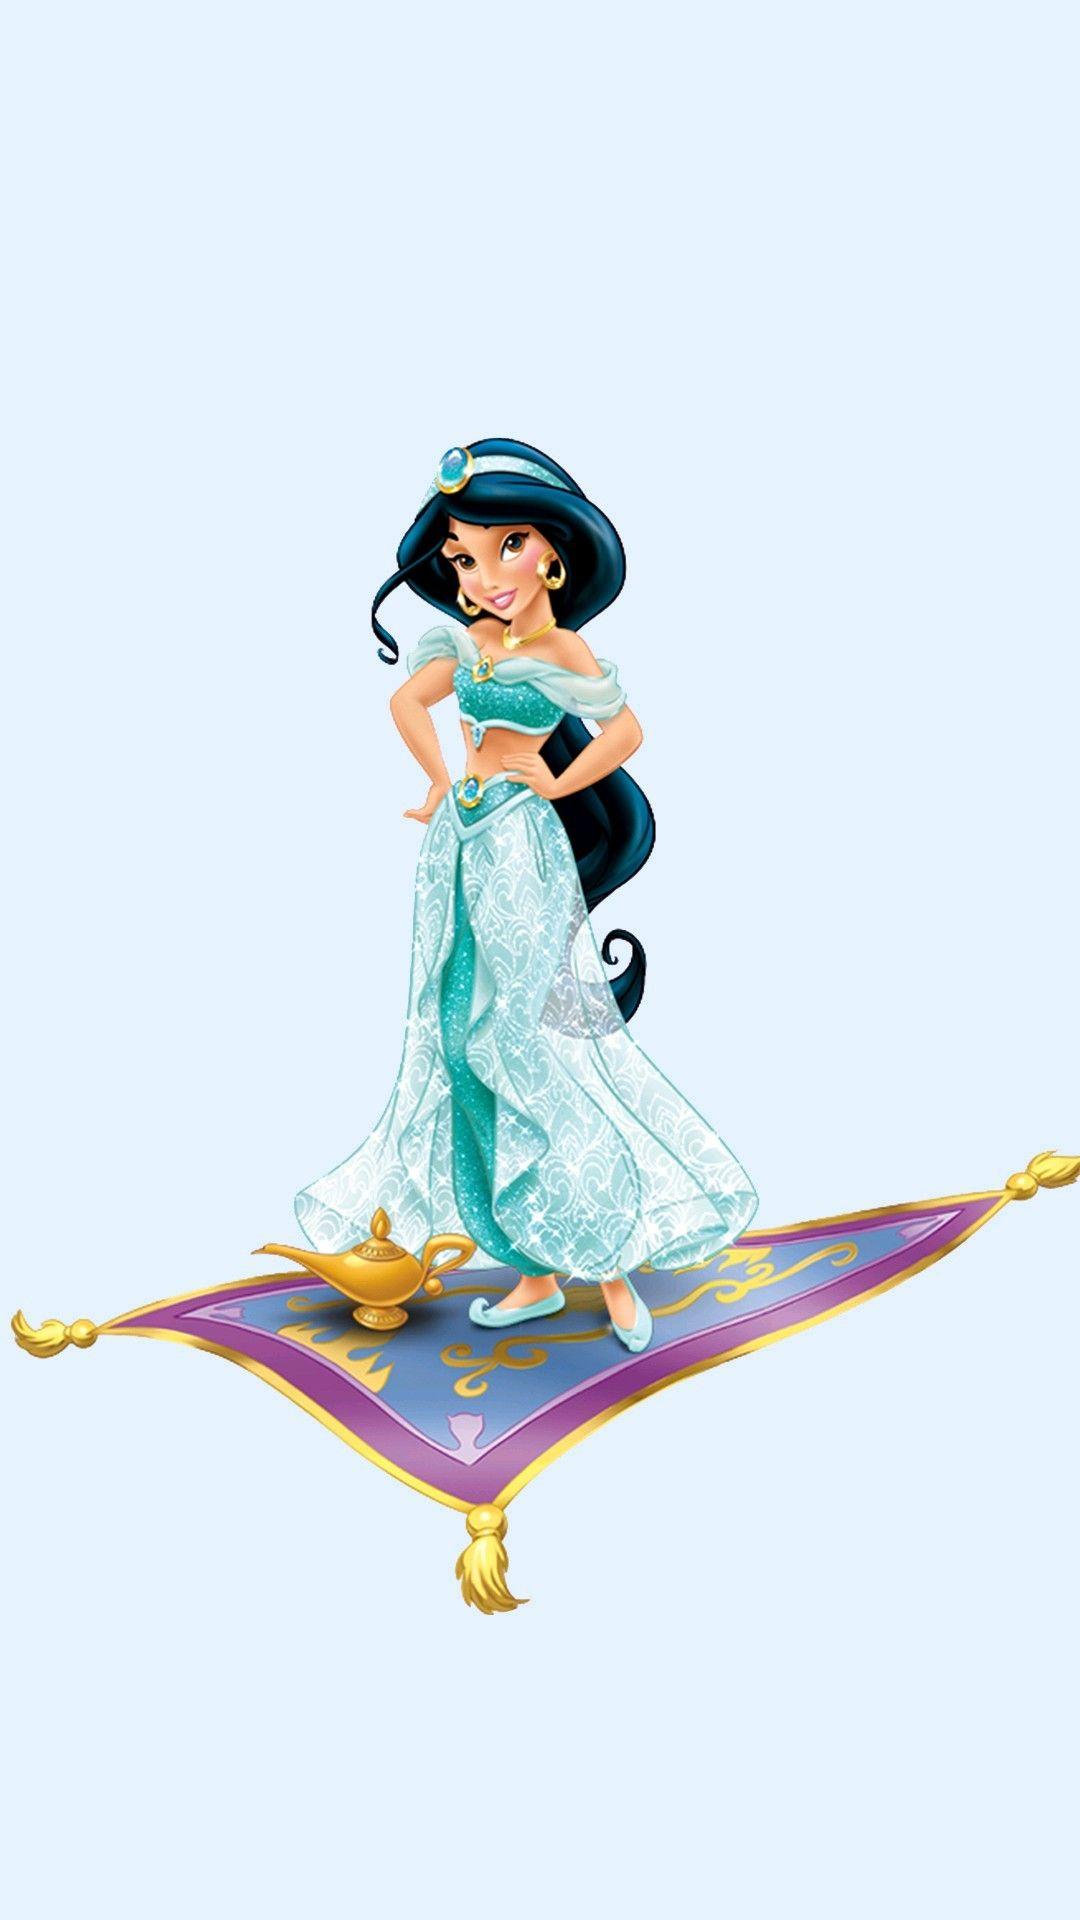 Jasmine No Tapete Voador Junto Com A Lampada Magica Com Imagens